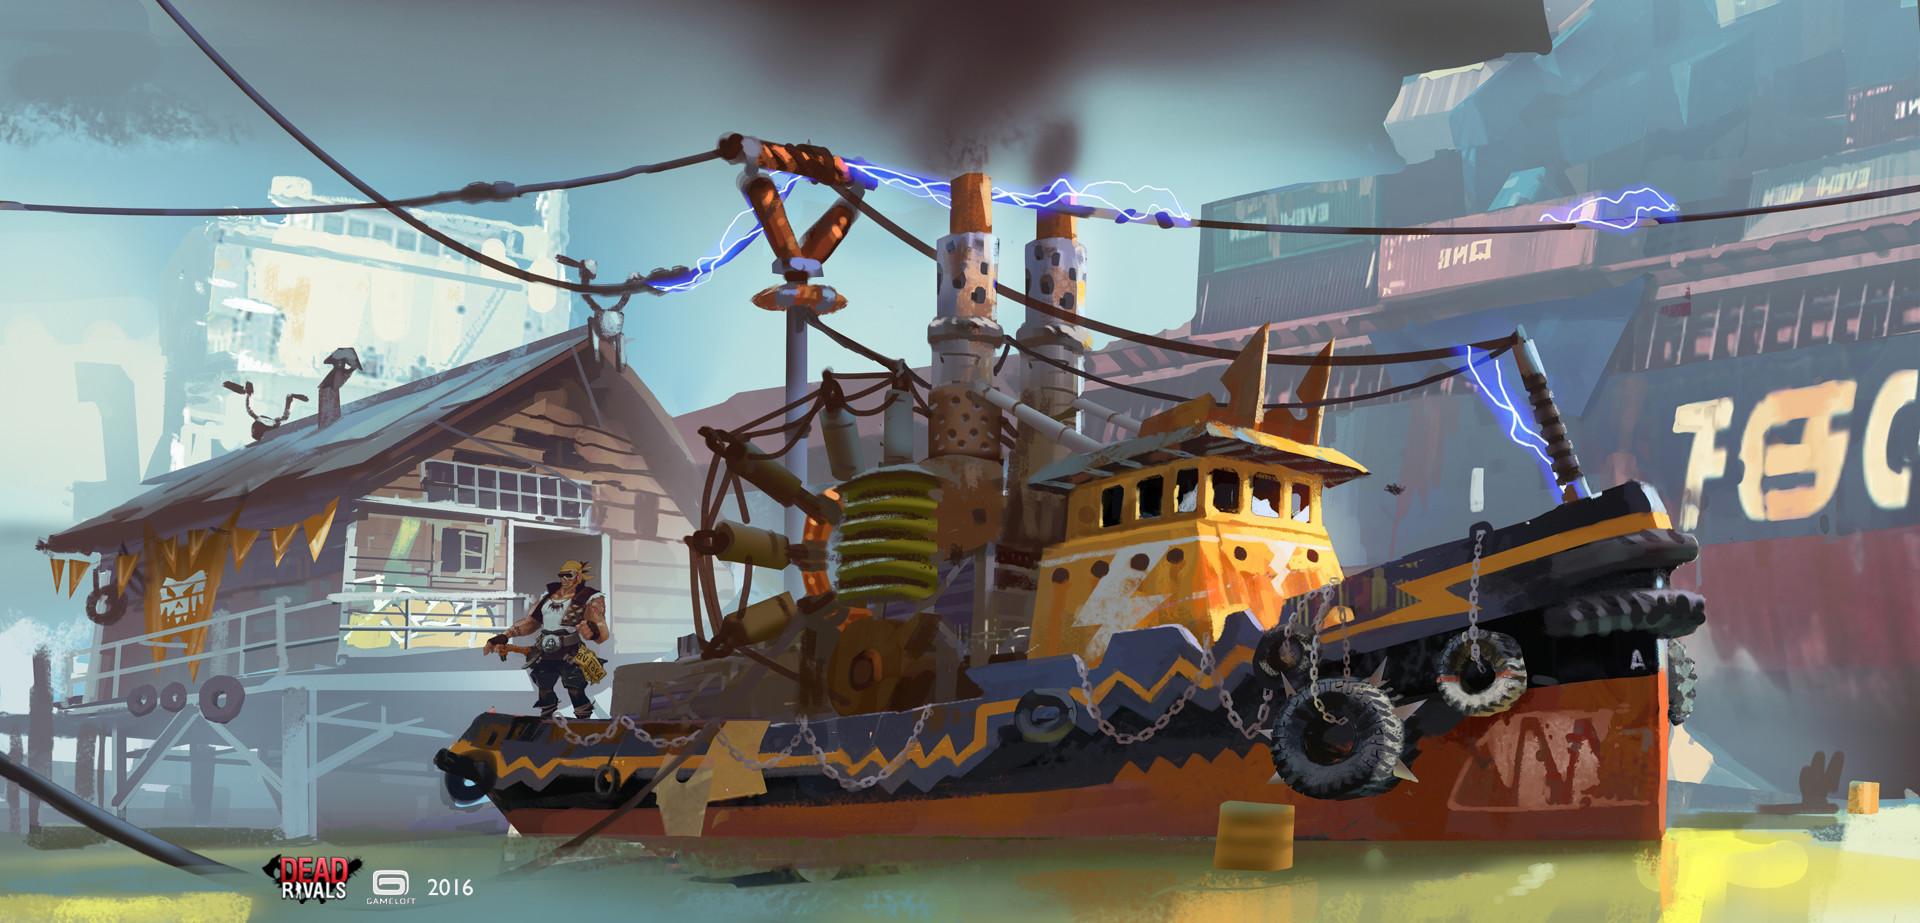 Adrien girod dw power boat 02 72 artstation